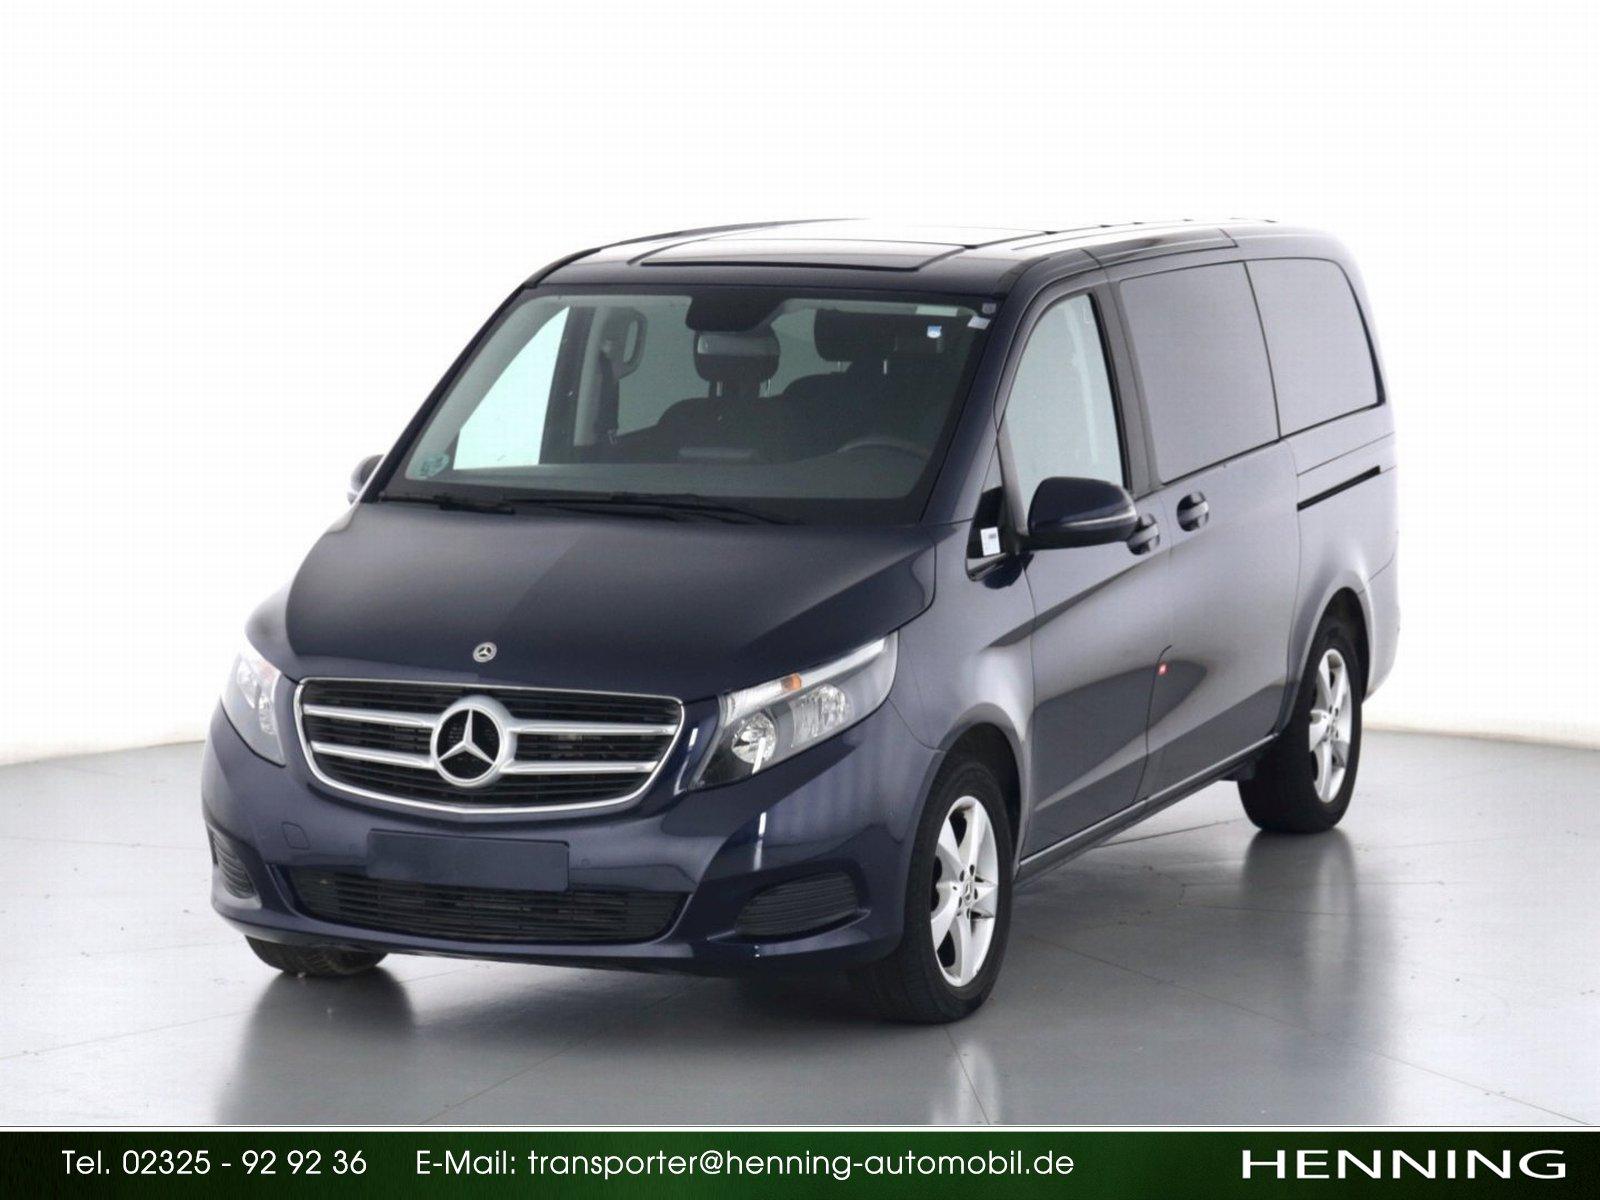 Mercedes-Benz V 220 d Lang 7G PDC Klima Tempomat, Jahr 2018, Diesel